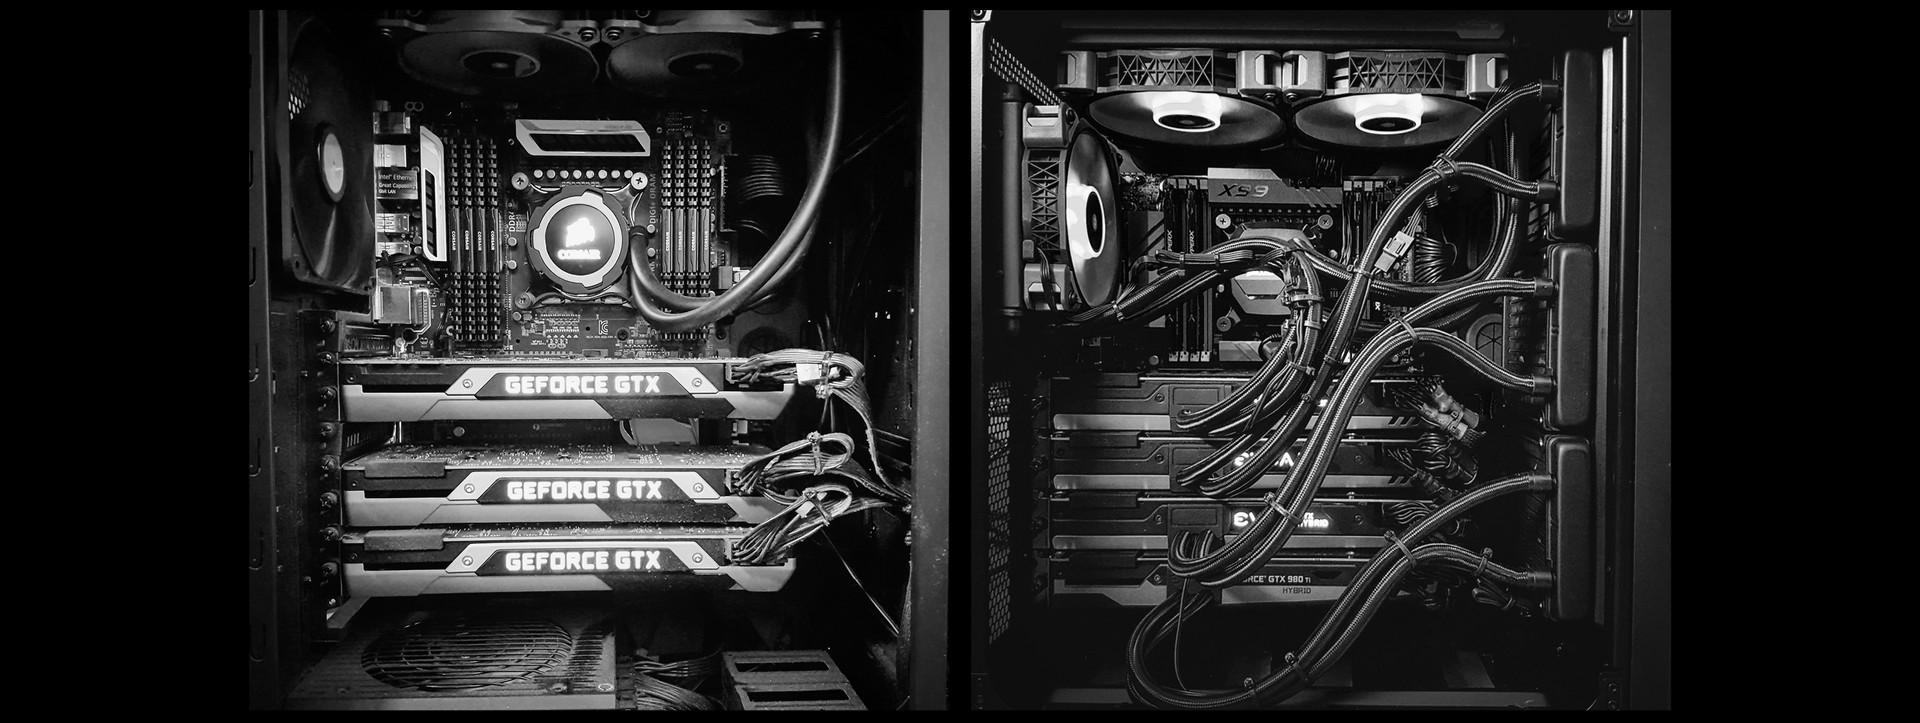 GPU Rendering | Yvan Feusi